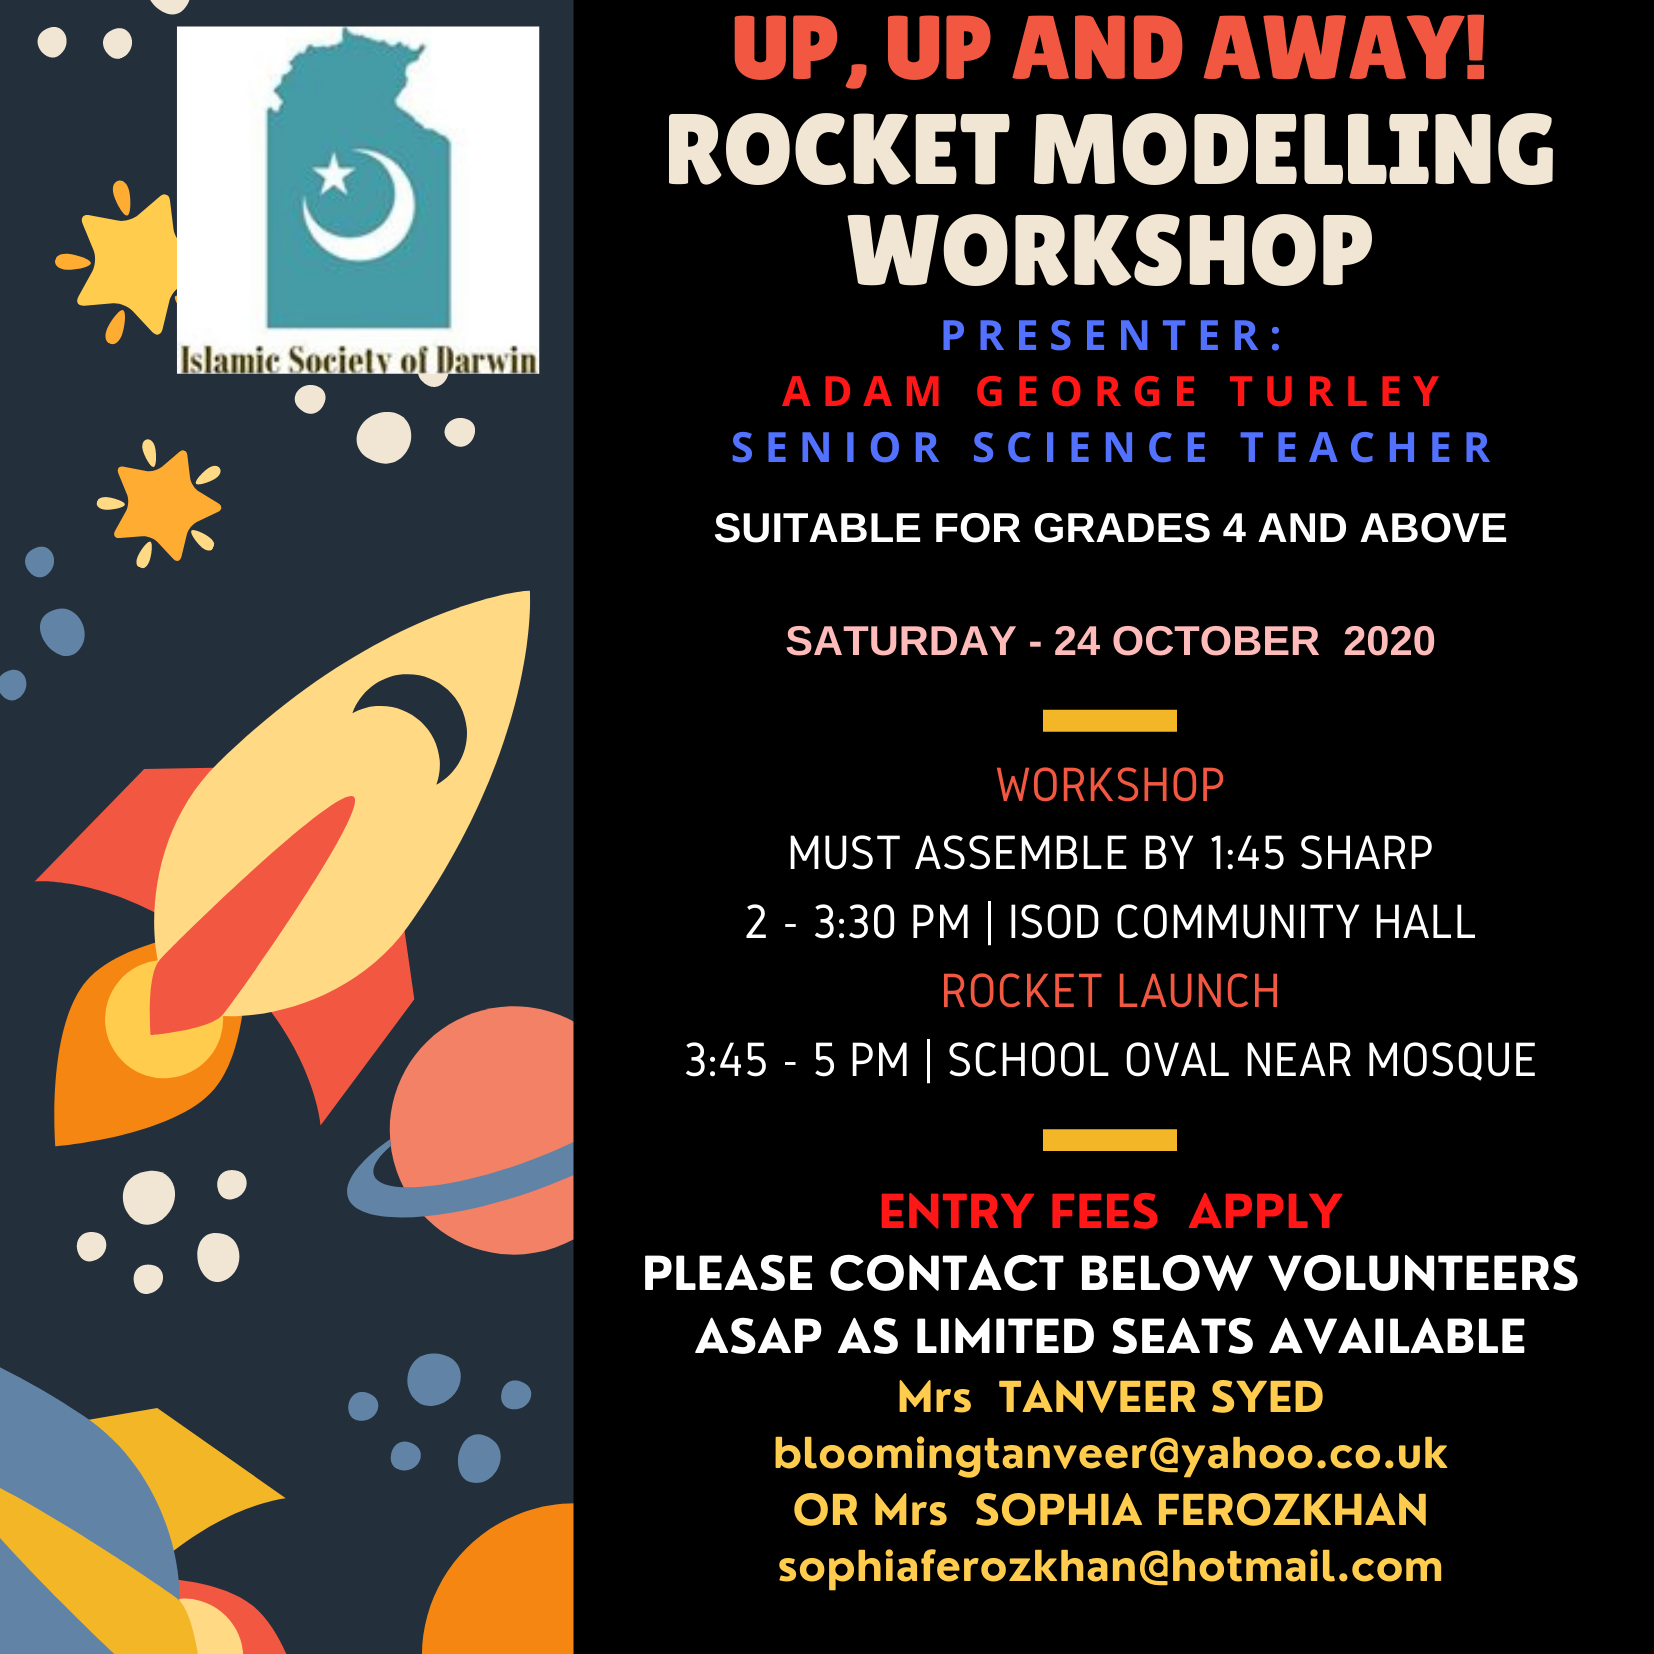 Rocket Modelling Workshop